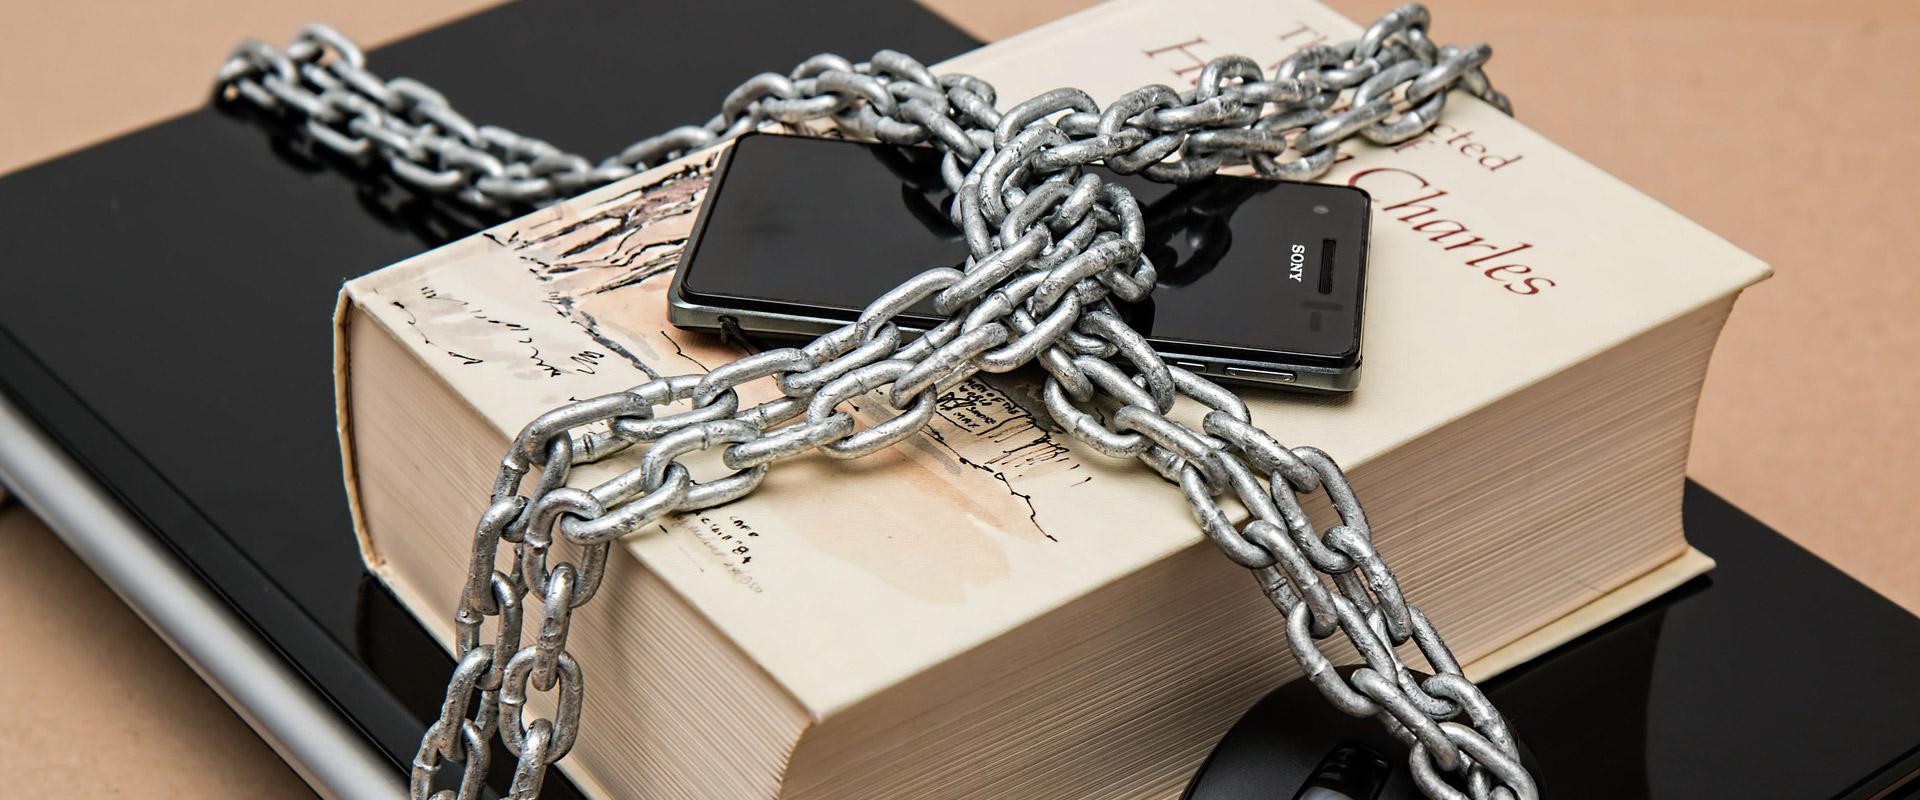 cyber-sécurité pour les juristes